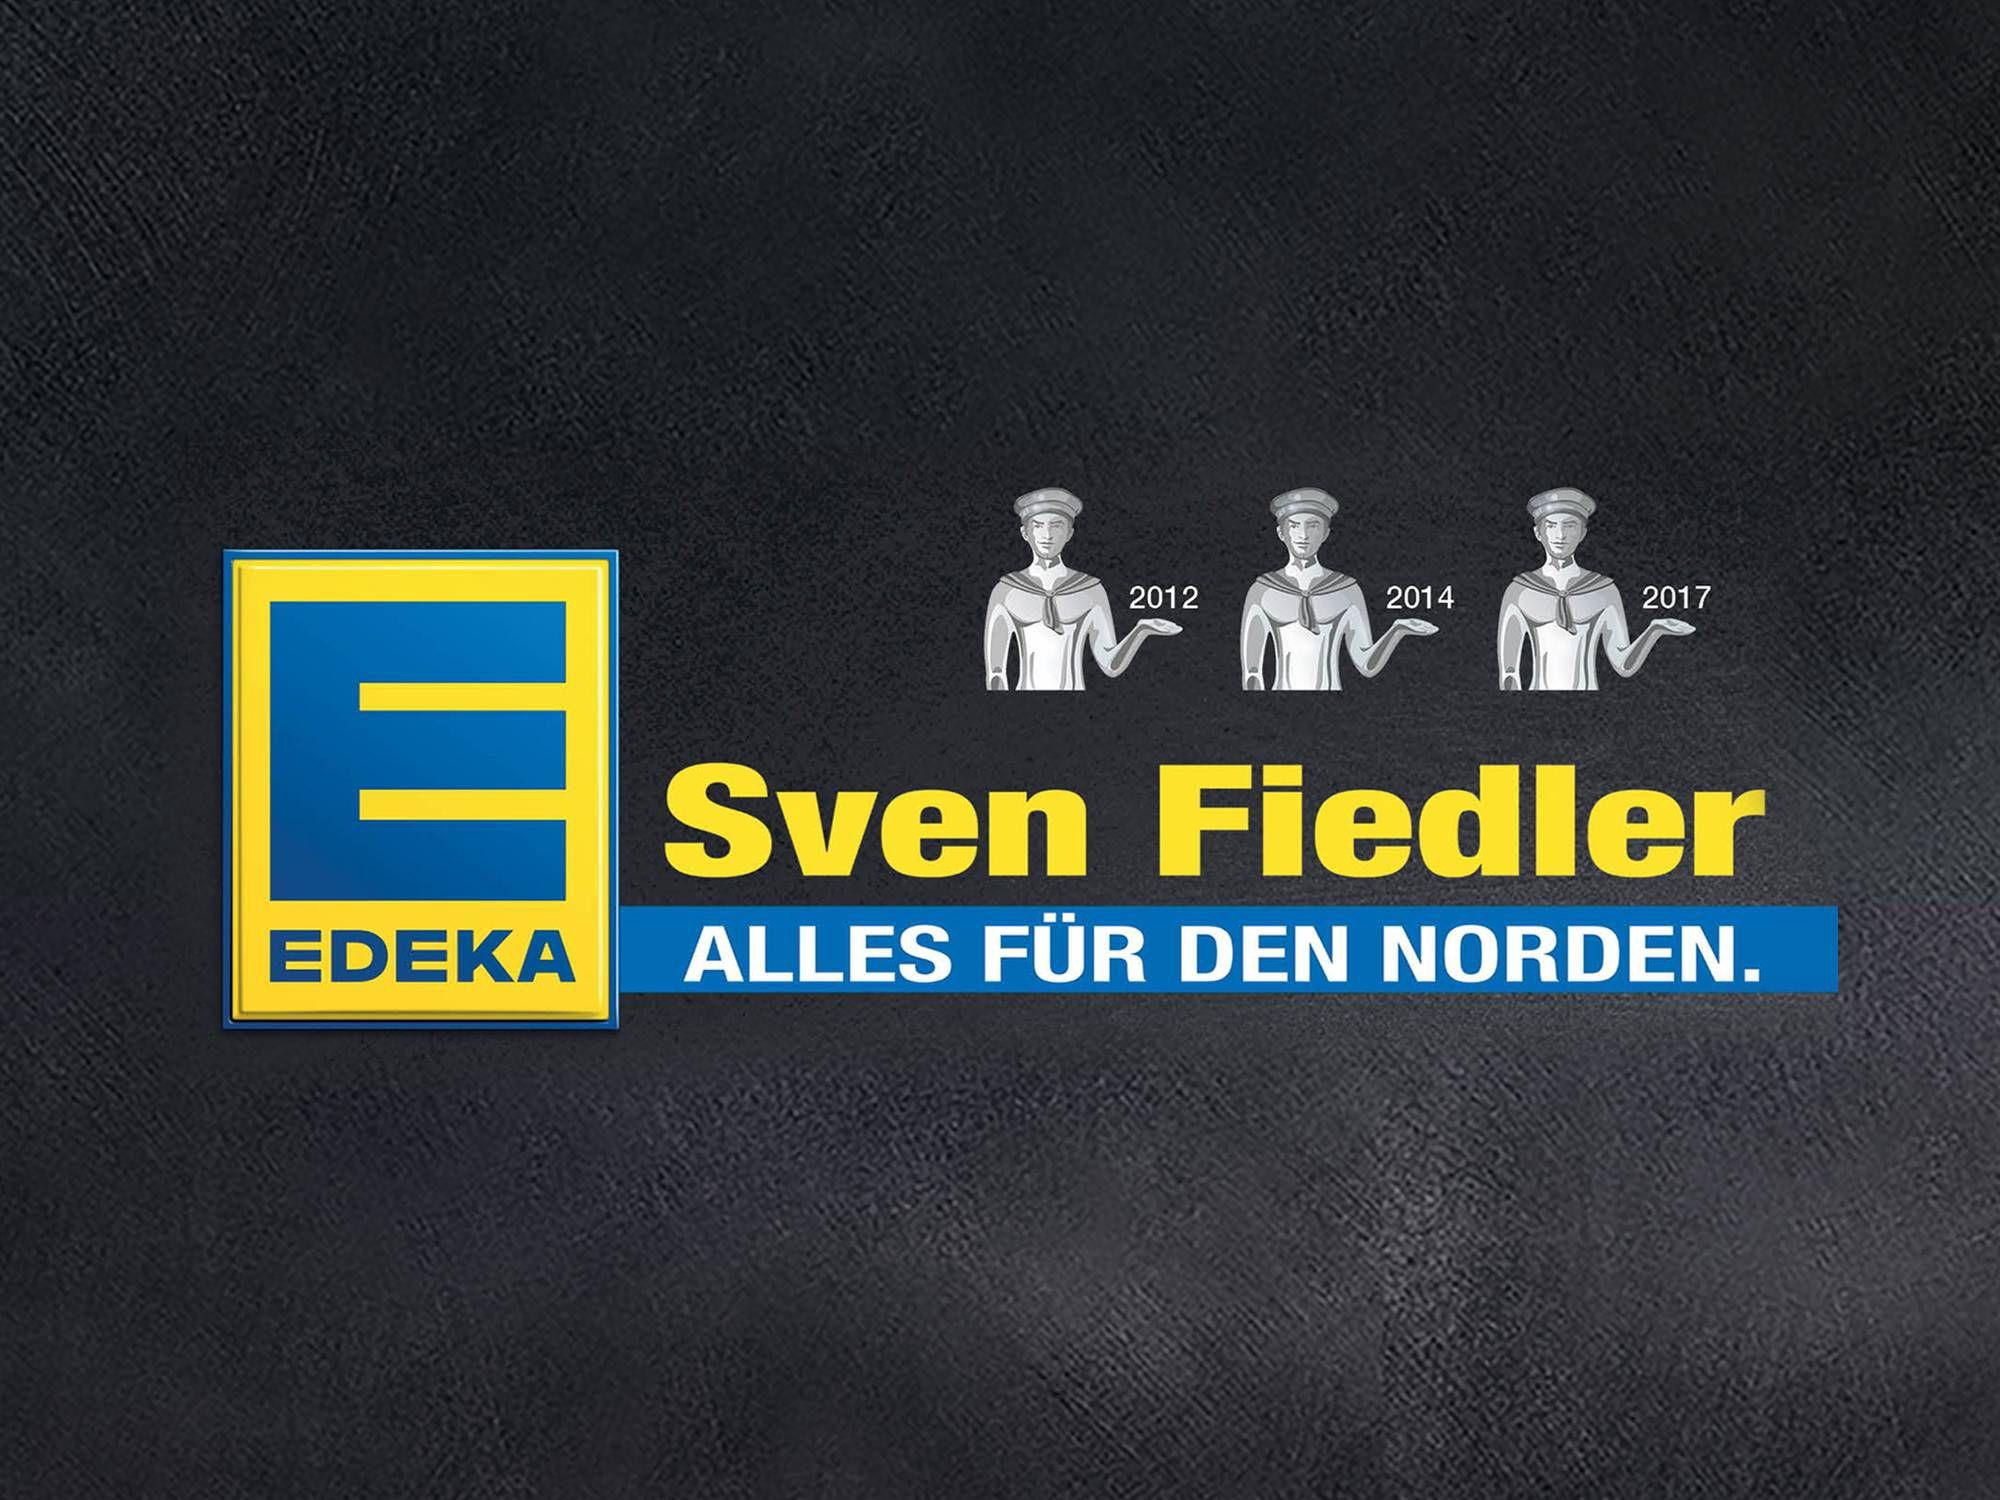 Edeka Sven Fiedler e.K.